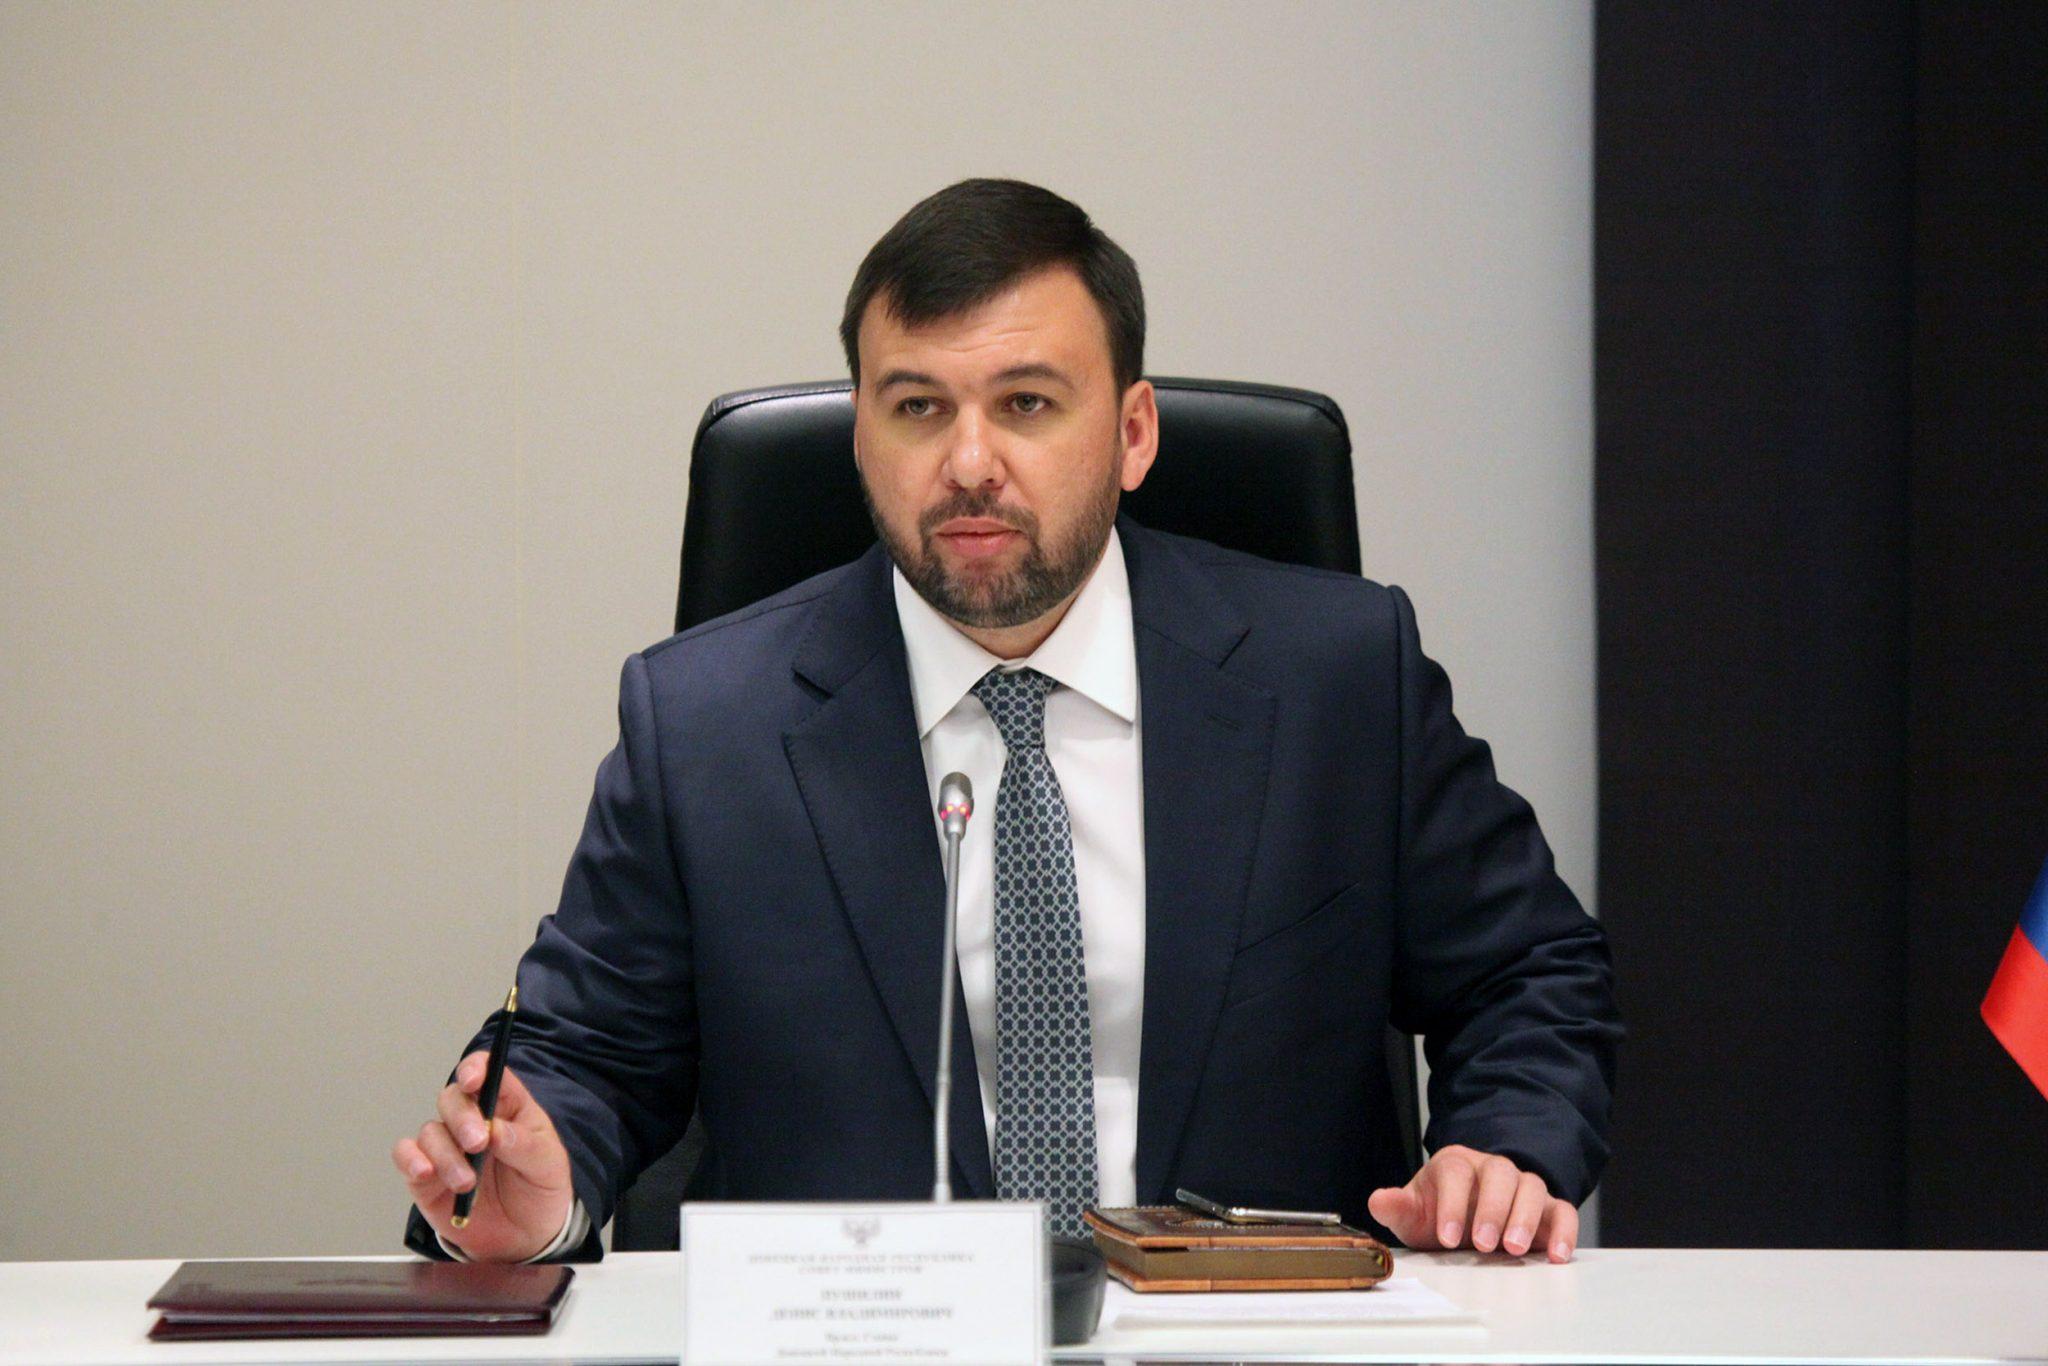 Заявление Главы ДНР Дениса Пушилина в связи с решением издать приказ об уничтожении незаконно возведенных Украиной инженерных сооружений